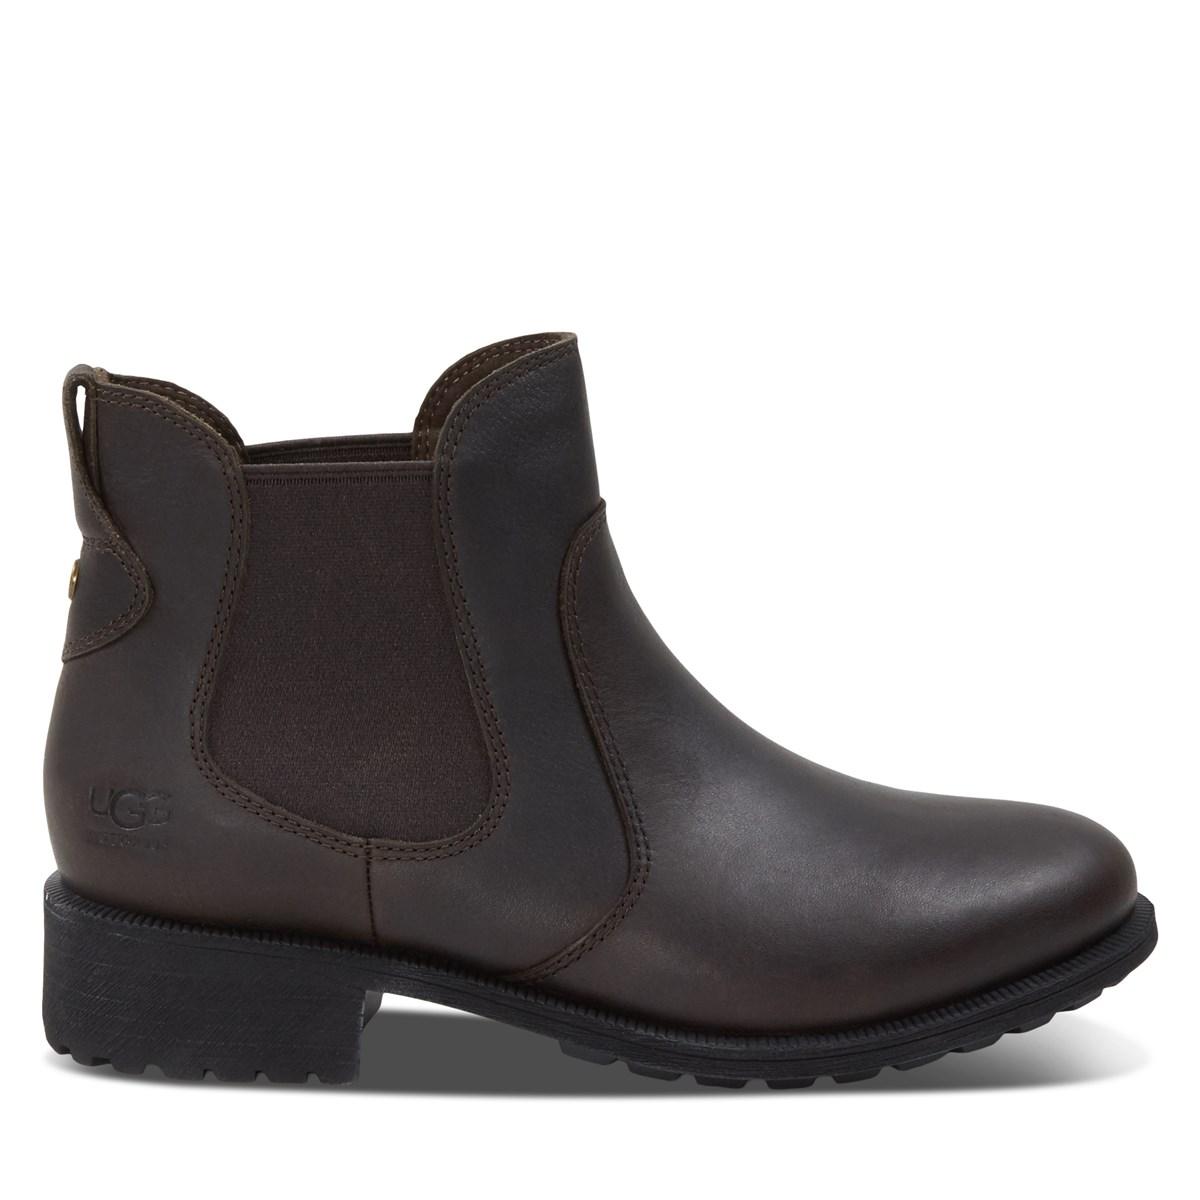 Women's Bonham III Waterproof Slip-On Boots in Brown